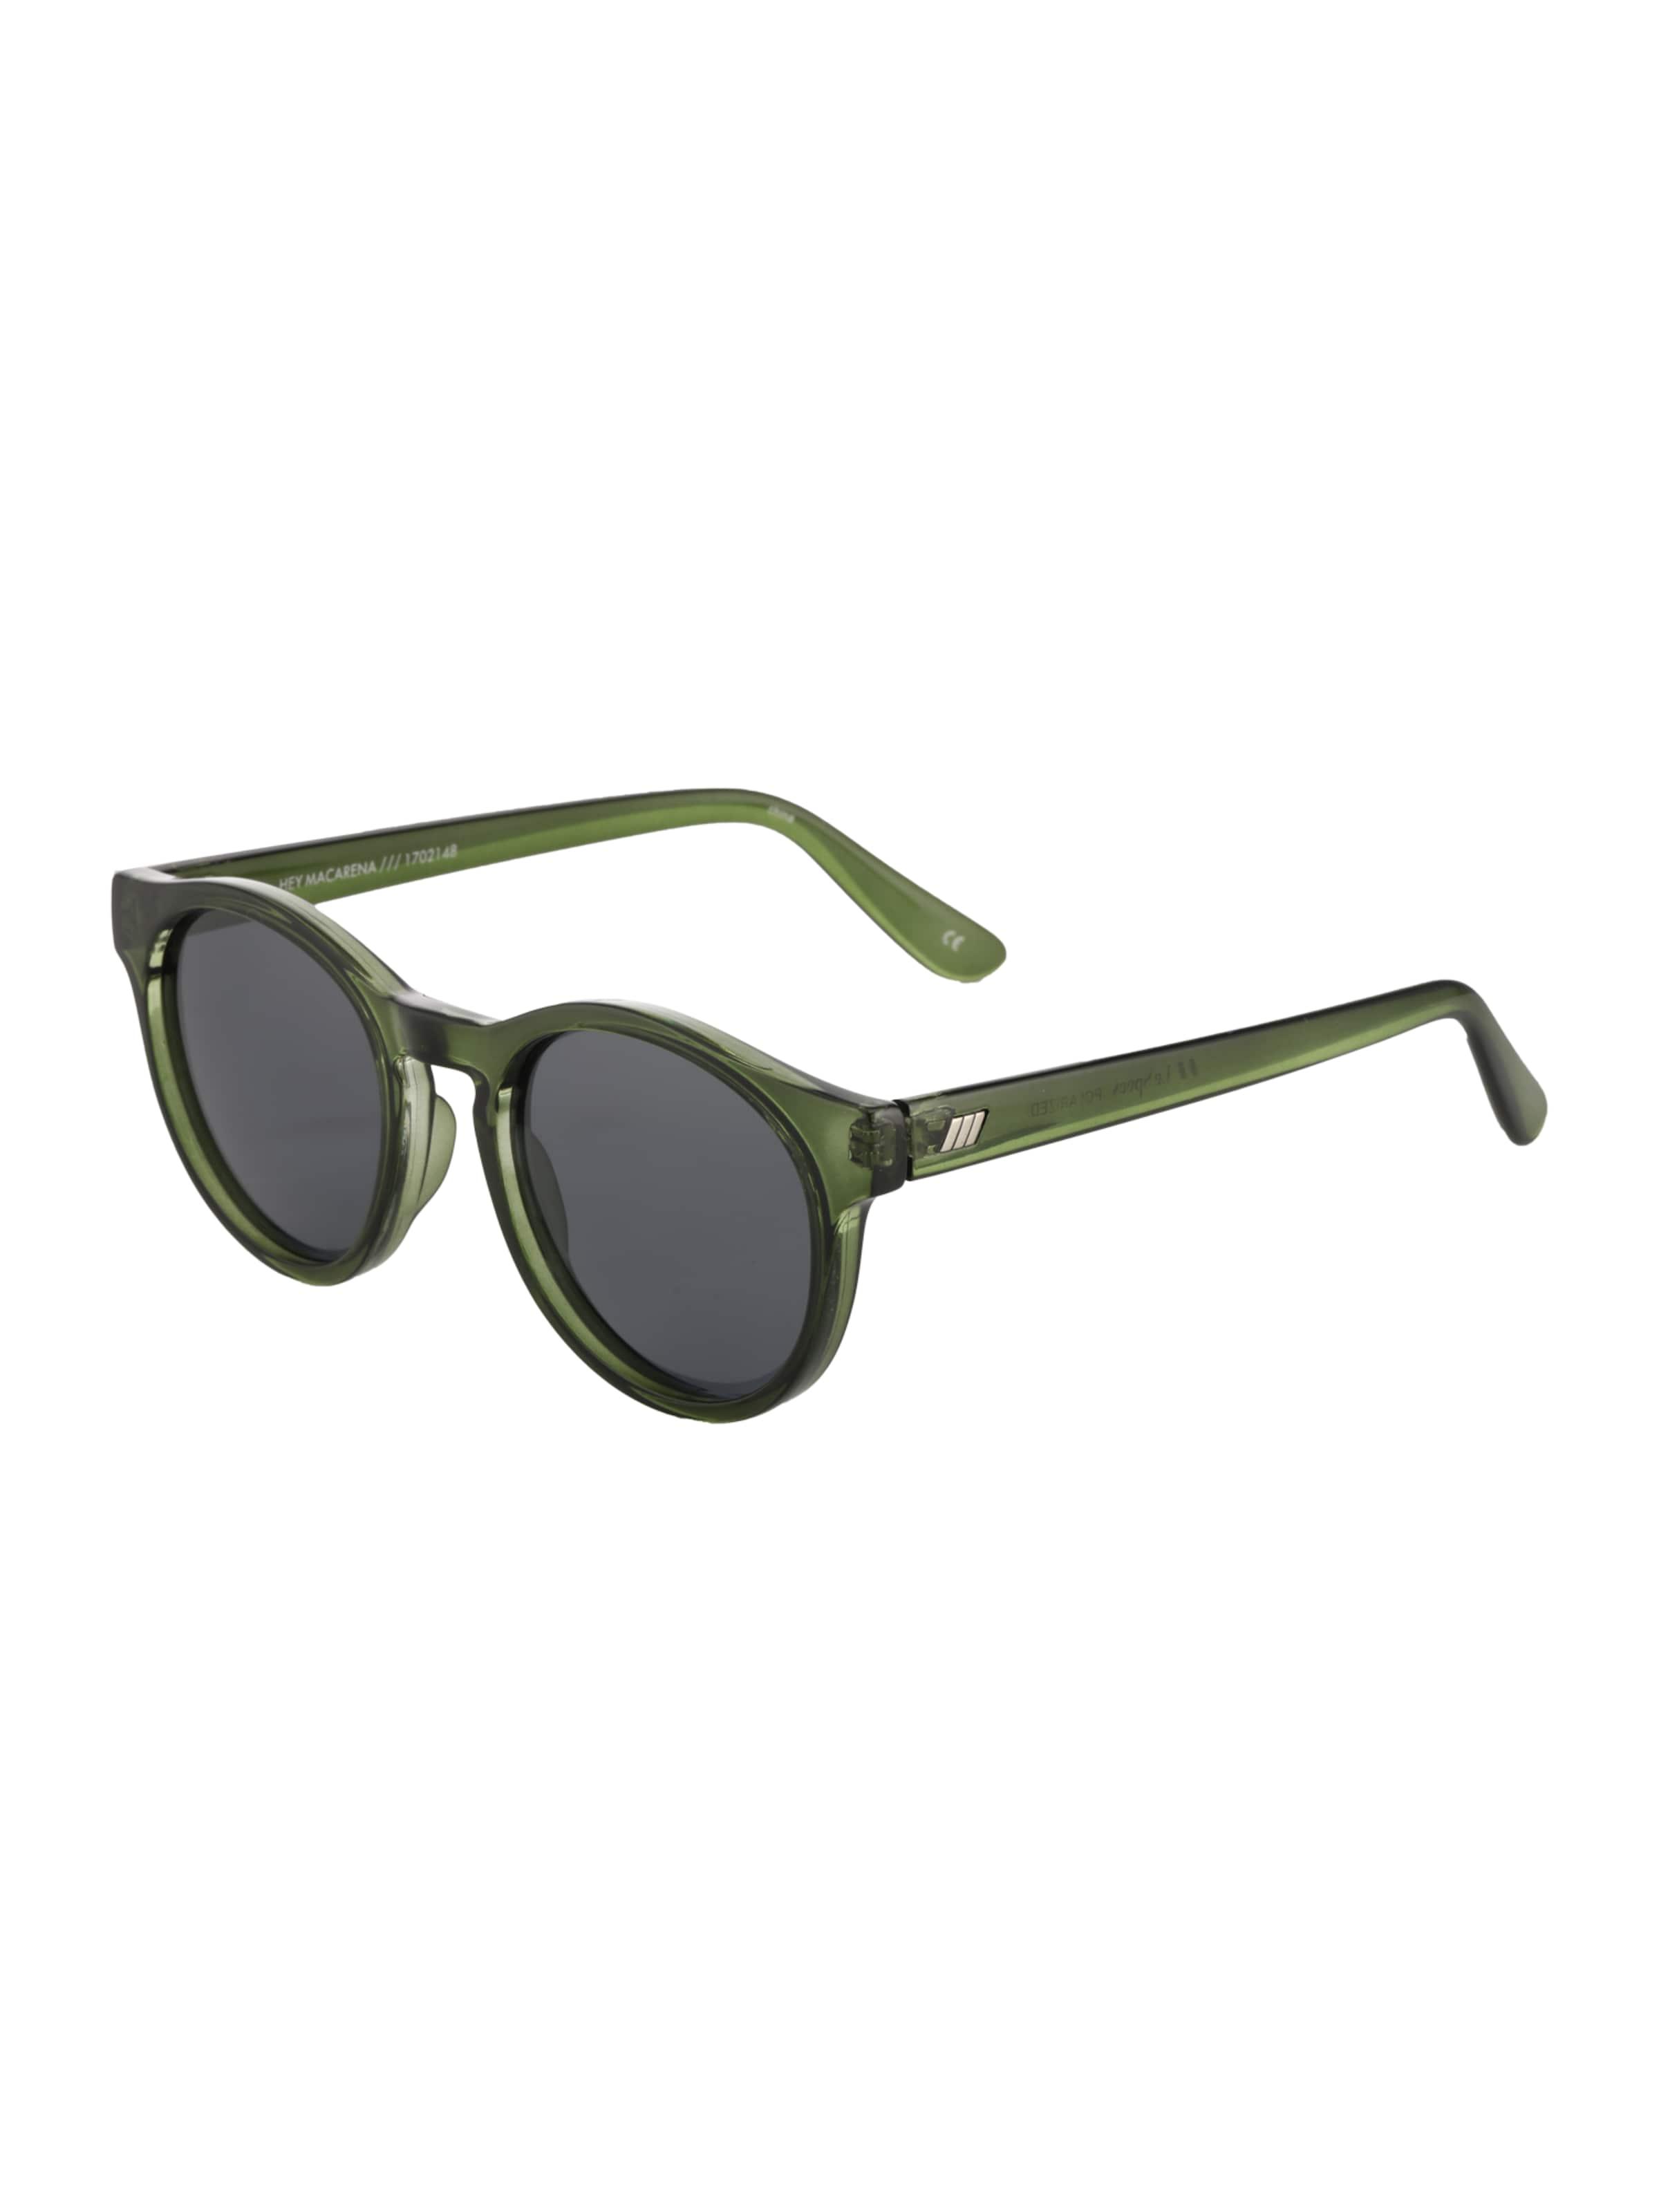 LE SPECS Runde Sonnenbrille 'Hey Macarena' Zum Verkauf Günstigen Preis Aus Deutschland qLtJkHen7